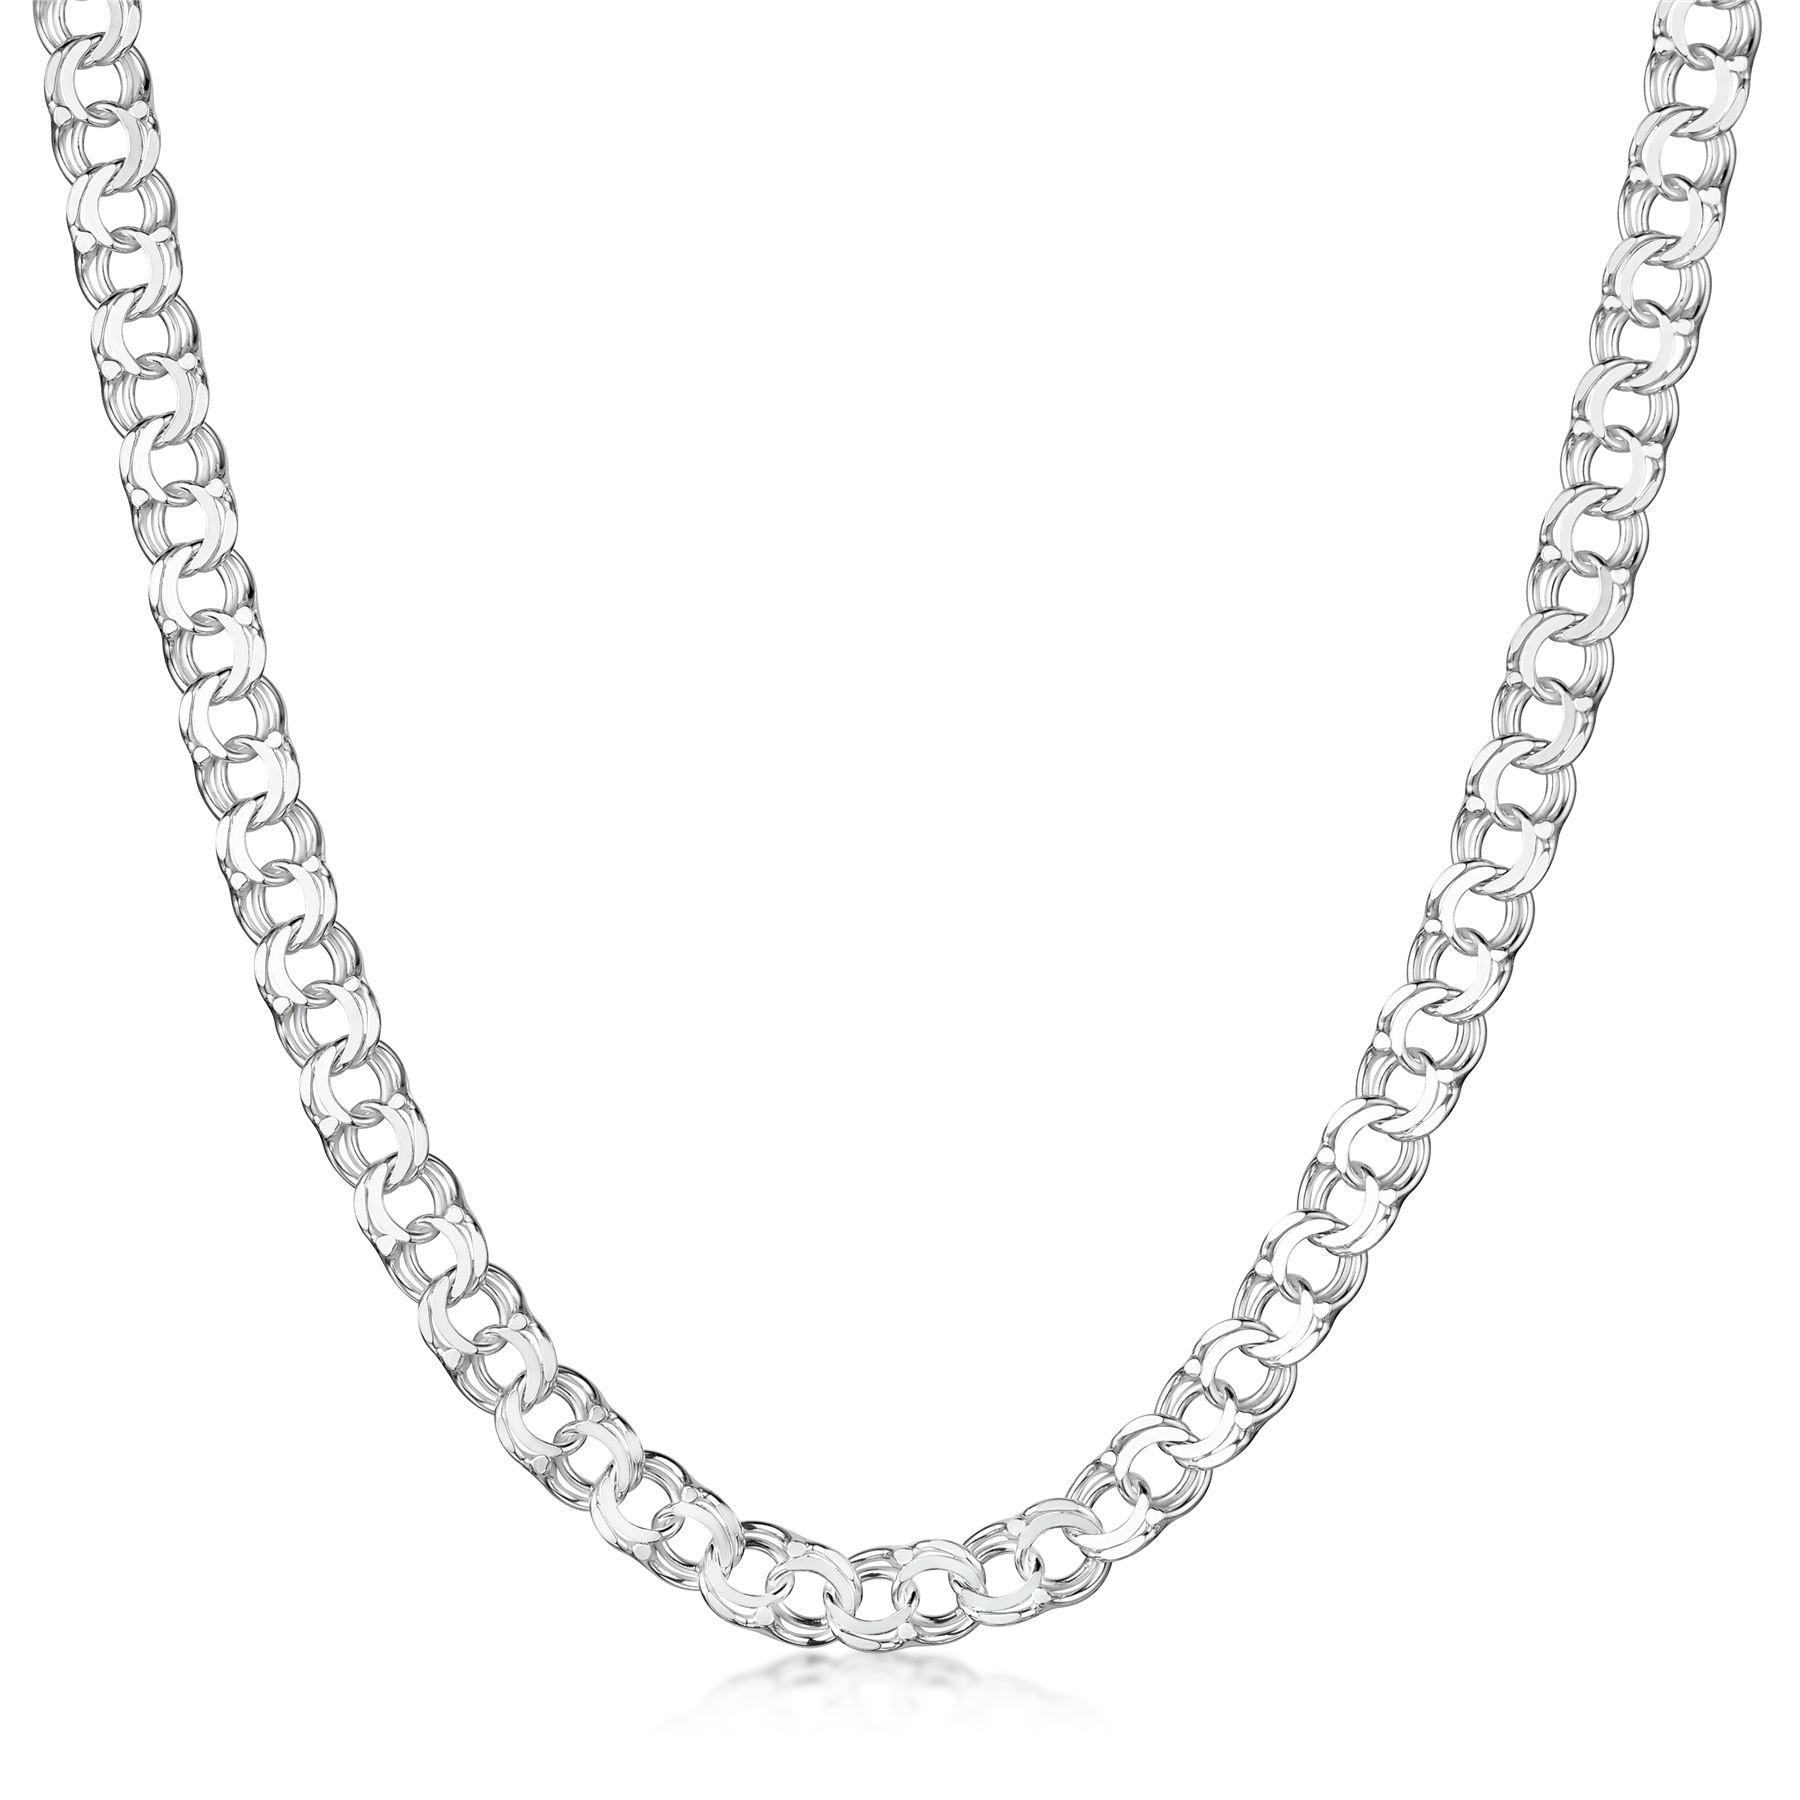 Amberta-Collar-en-Plata-De-Ley-925-Autentica-Cadena-para-Mujer-y-Hombre-Italiana miniatura 131